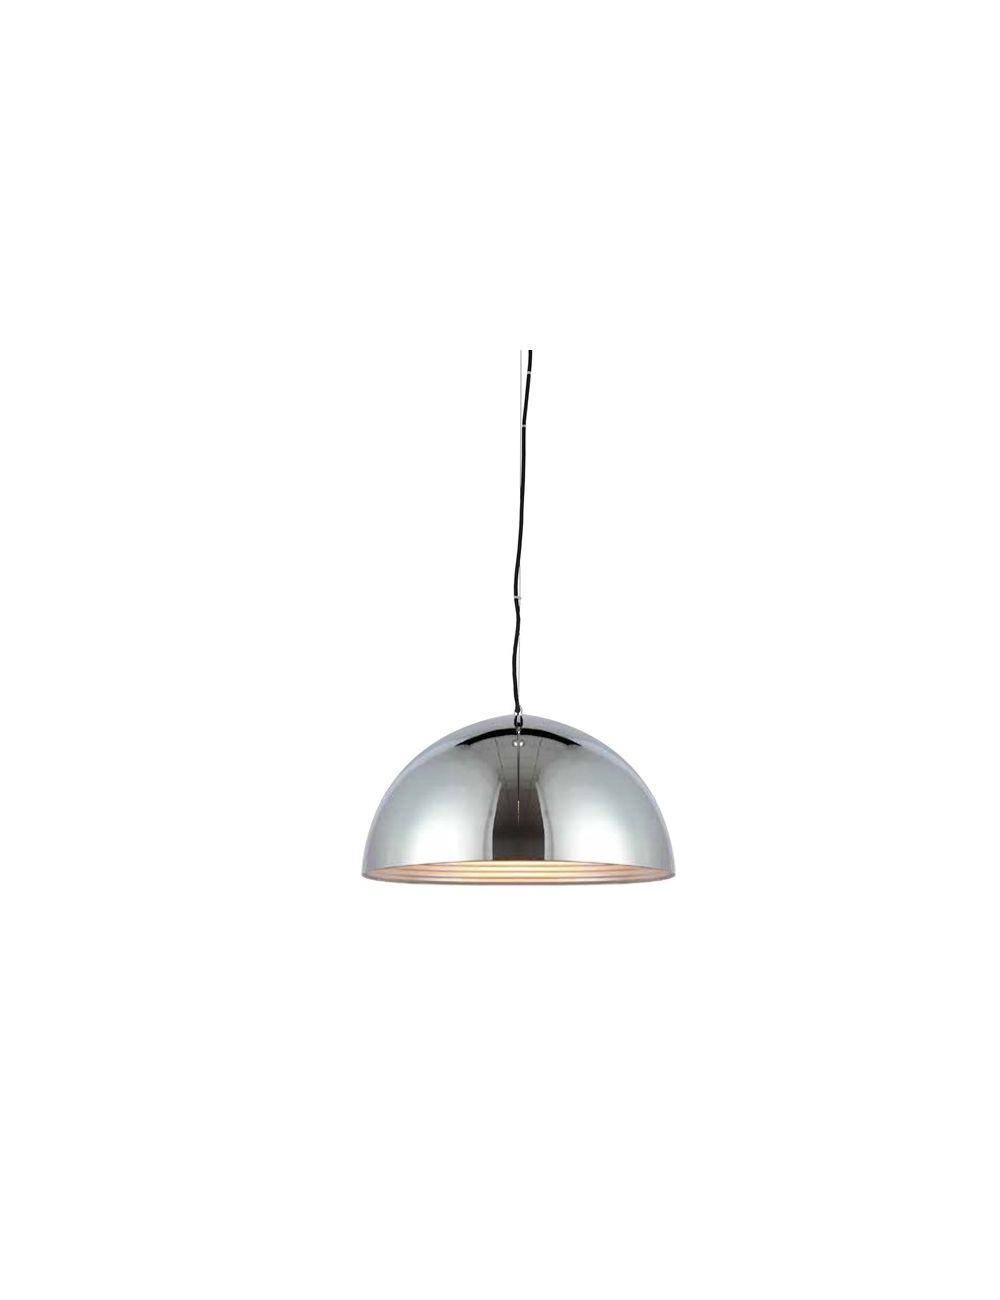 FB6838-50 Chrom Modena   lampa wisząca  50 Azzardo